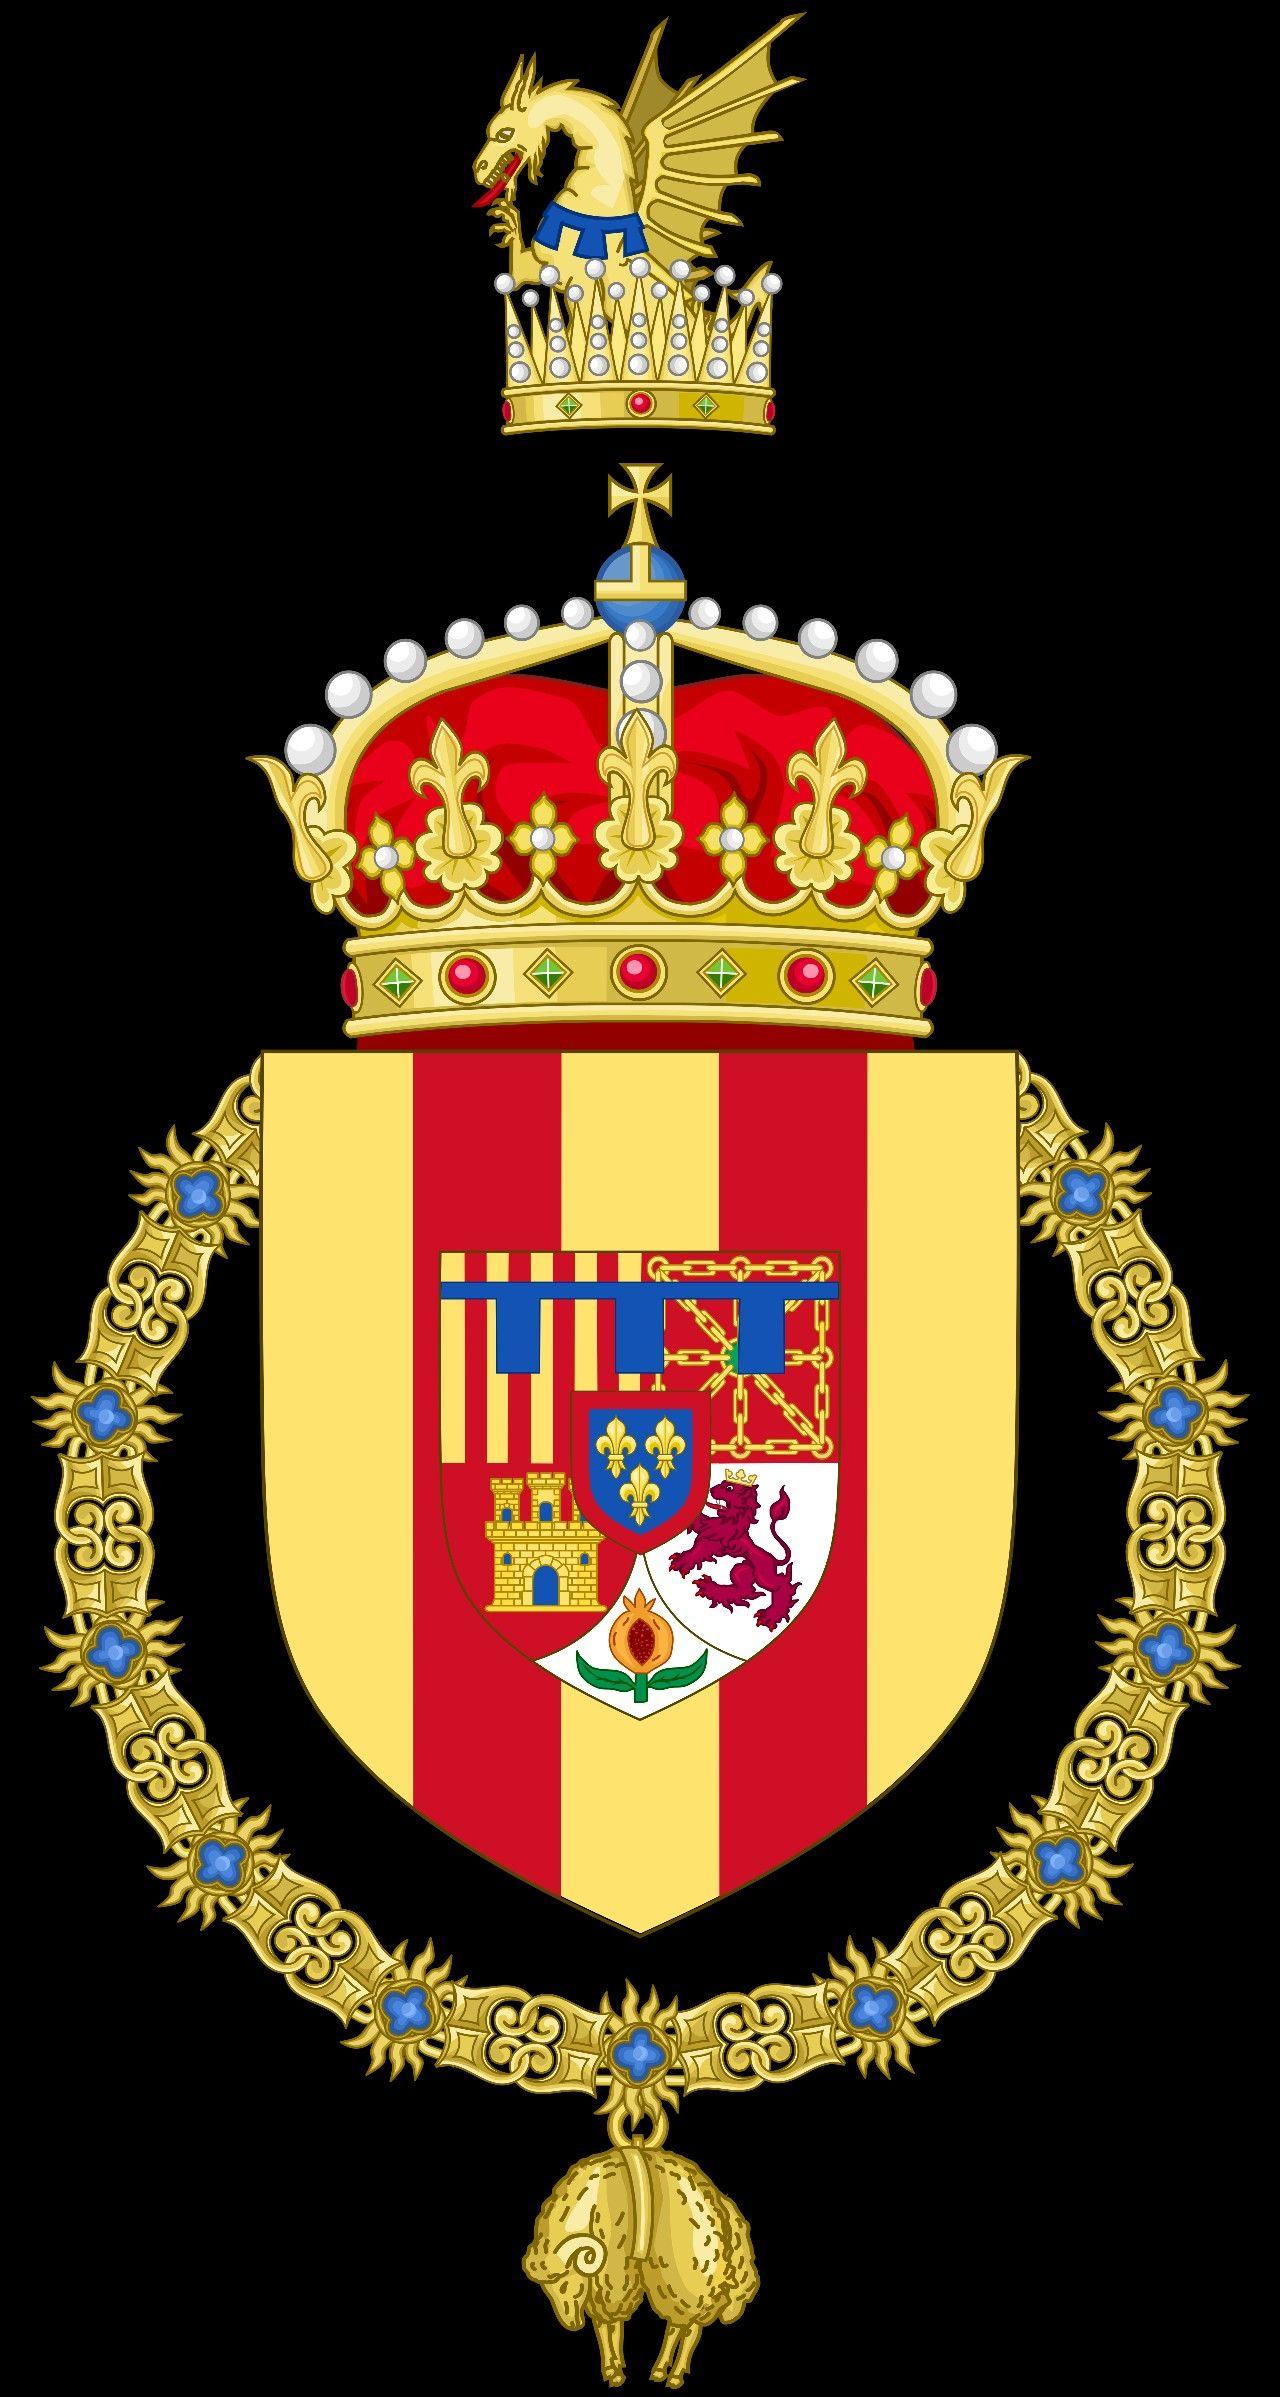 Escudo De Armas De La Princesa Dona Leonor Como Princesa De Girona Escudo De Armas Escudo Los Reyes De Espana